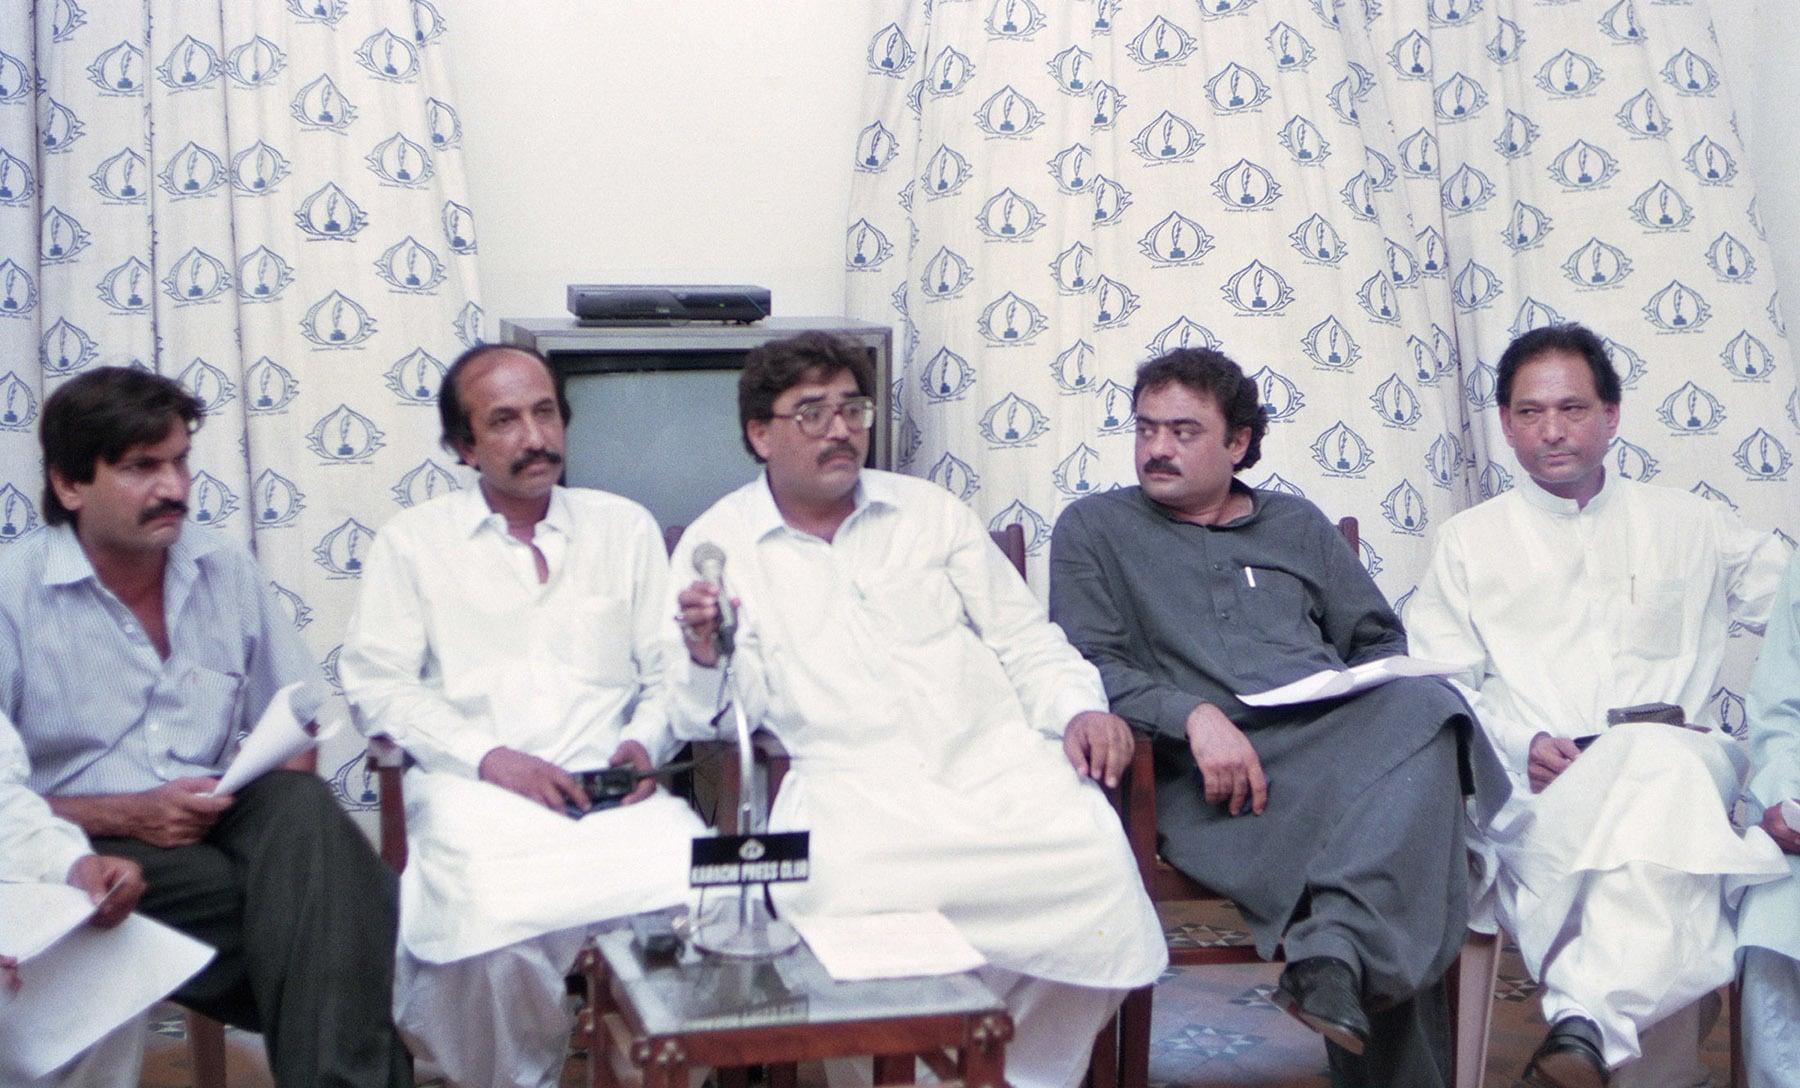 2 جون 1994ء کو مزدور رہنما عزیز میمن، عثمان غنی، کاظمی اور دیگر کراچی پریس کلب کے جلیس ہال میں نیوز کانفرنس کررہے ہیں— تصویر بشکریہ زاہد حسین